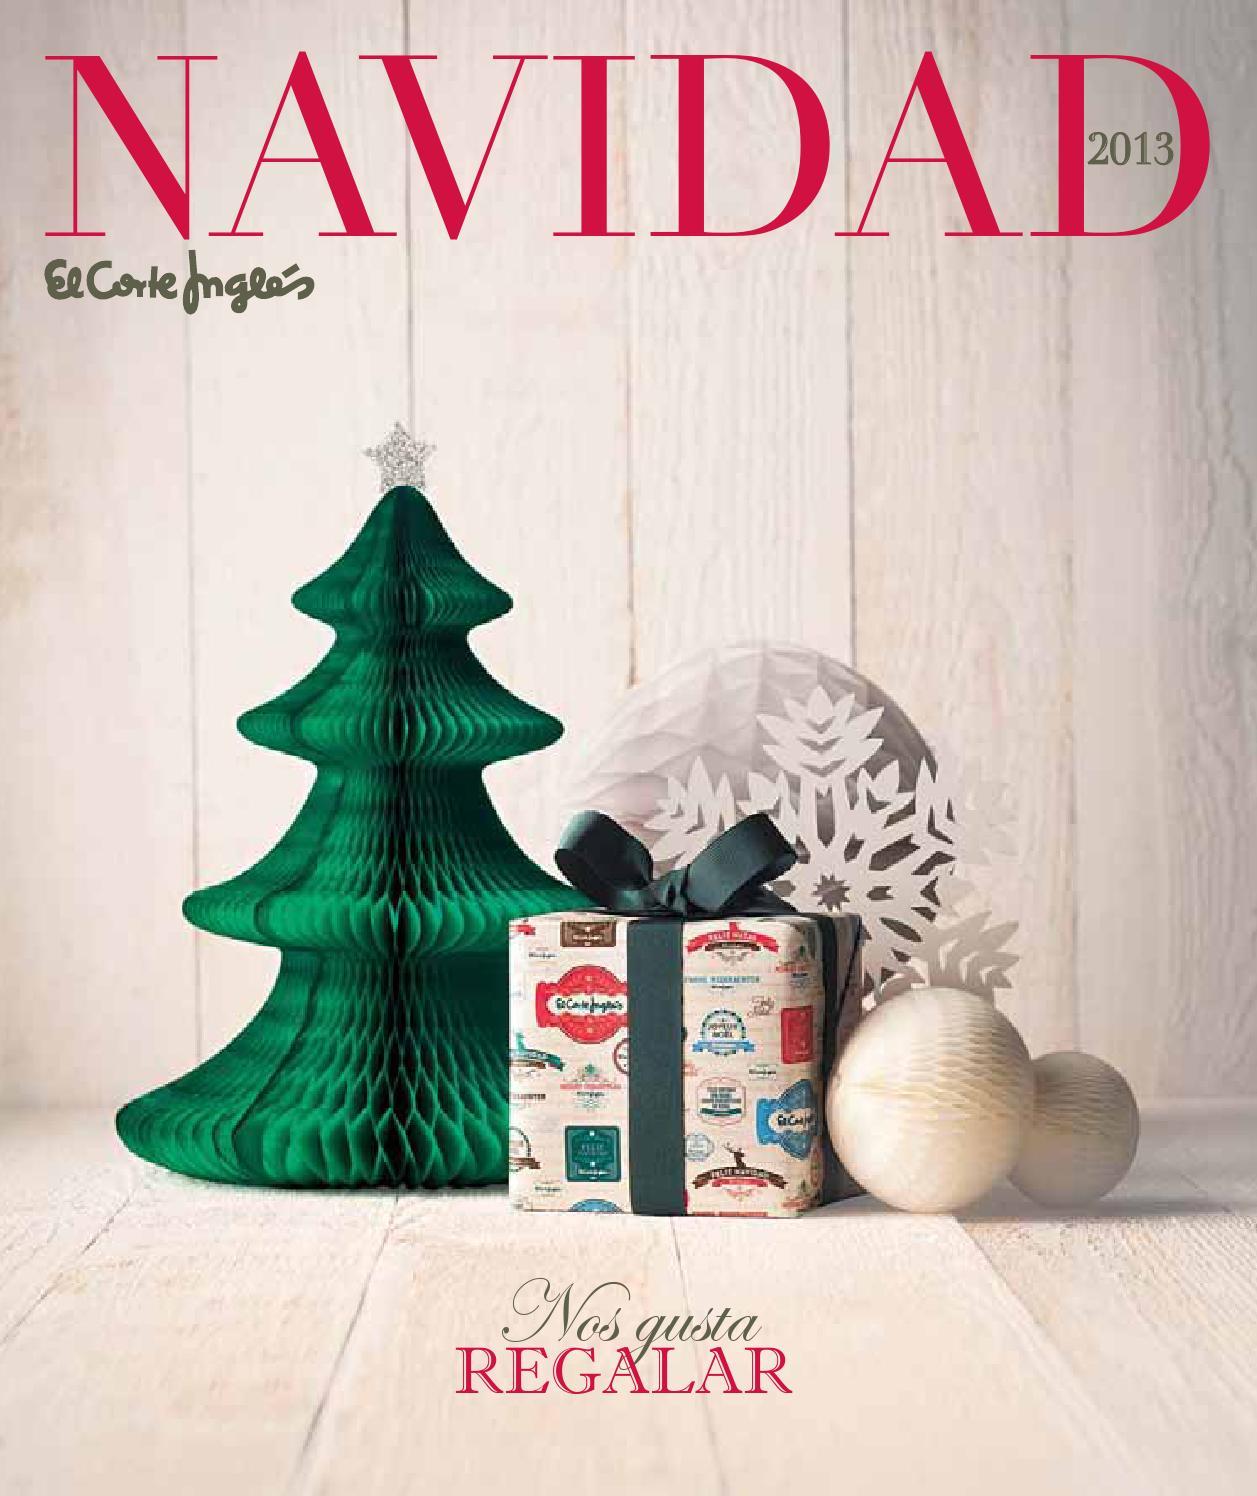 El corte ingl s navidad 2013 2014 by andr gon alves issuu for Adornos de navidad el corte ingles